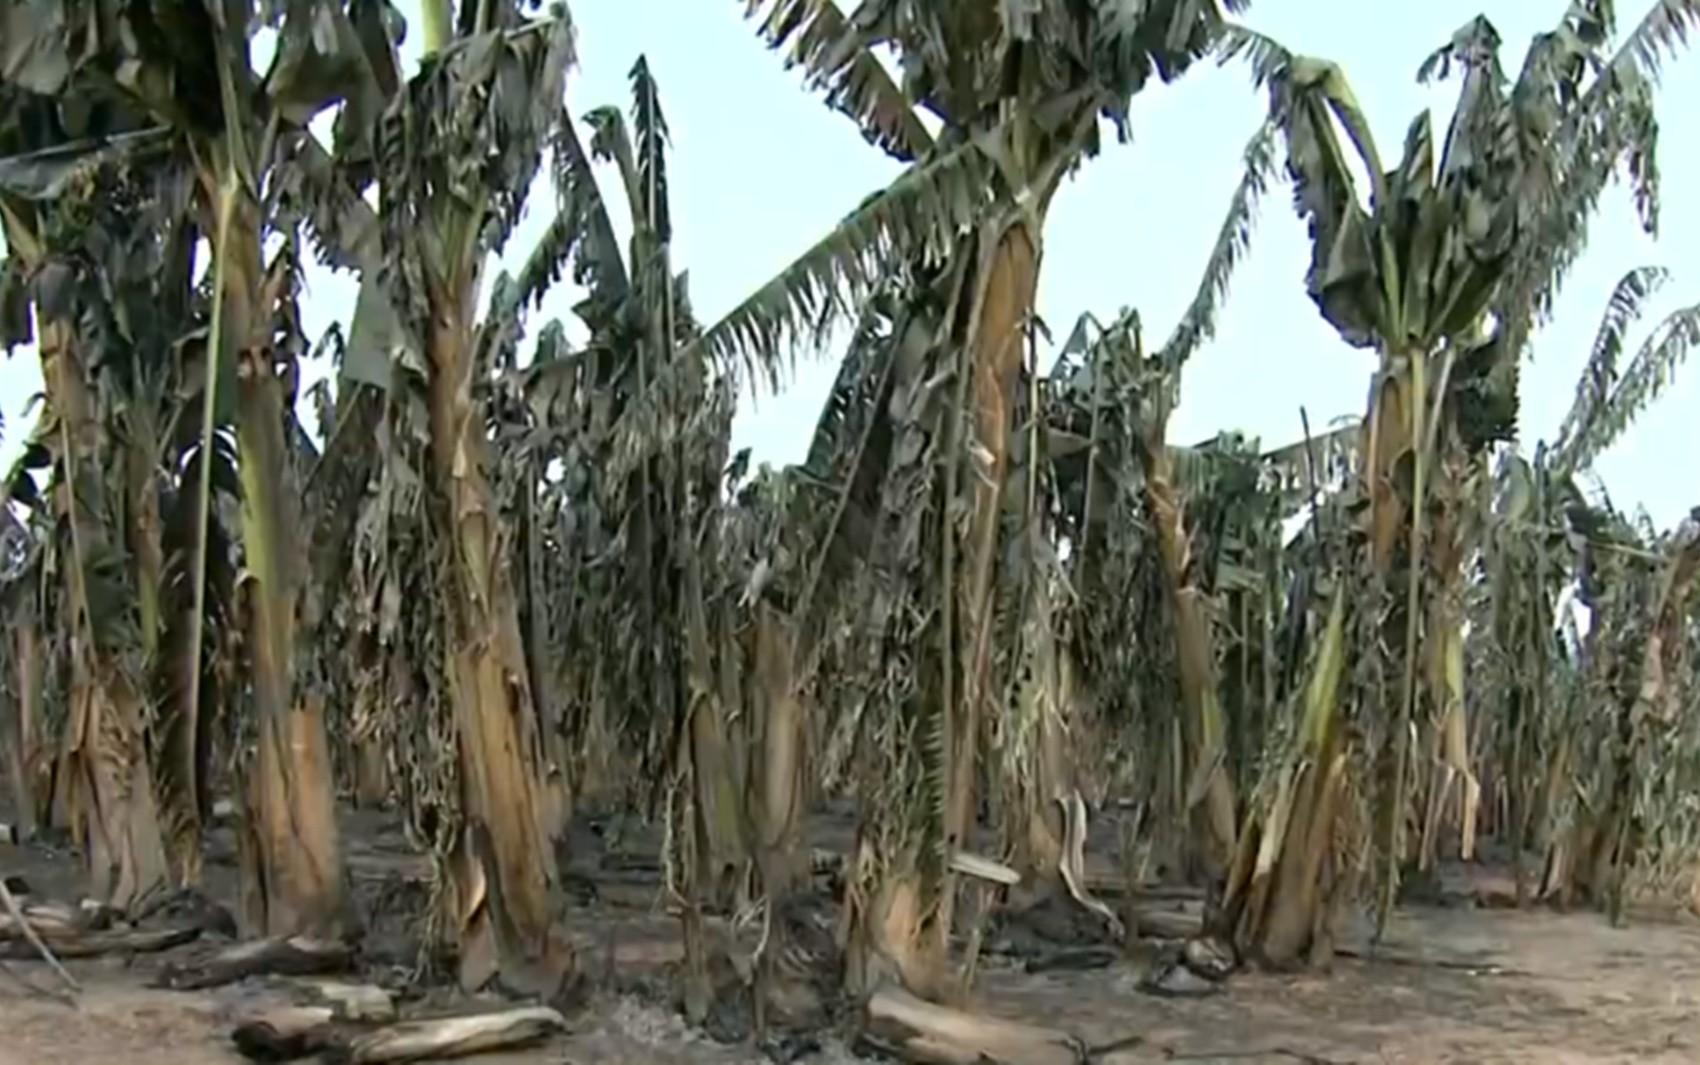 Bananal todo queimado pelo incêndio em Delfinópolis no Sul de Minas